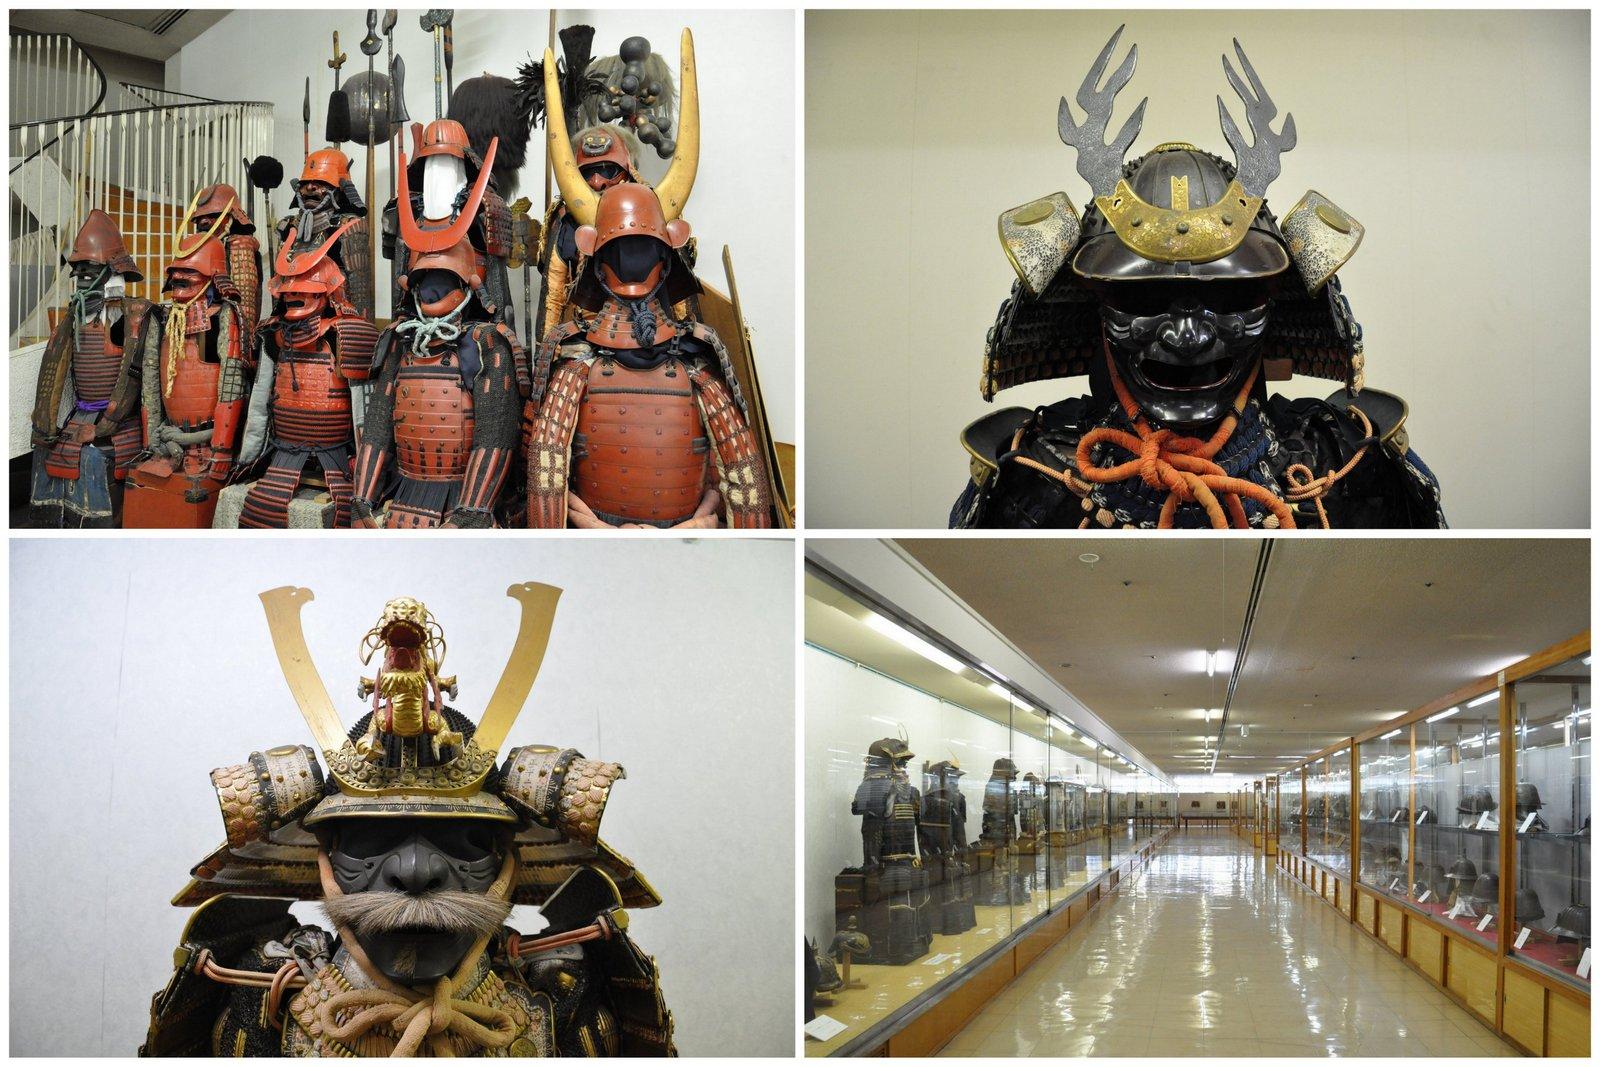 musee-samourai-watanabe-tottori